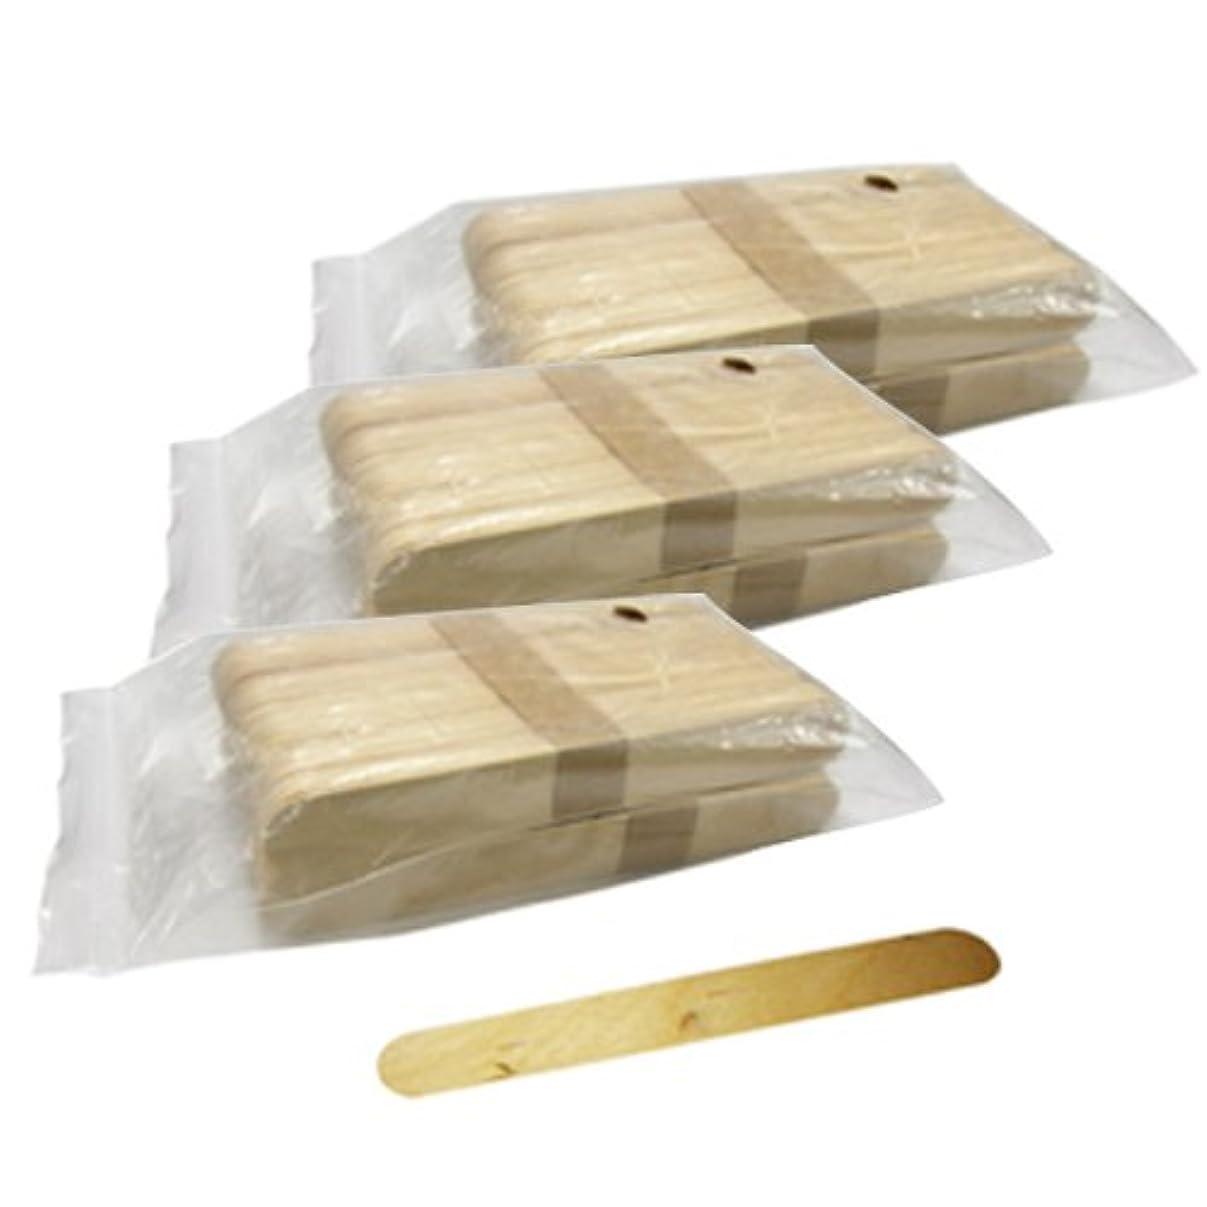 スクリーチ海峡ひも首謀者使い捨て【木ベラ/ウッドスパチュラ】(業務用100枚入り) × 3袋セット(計300枚)/WAX脱毛等や舌厚子にも …